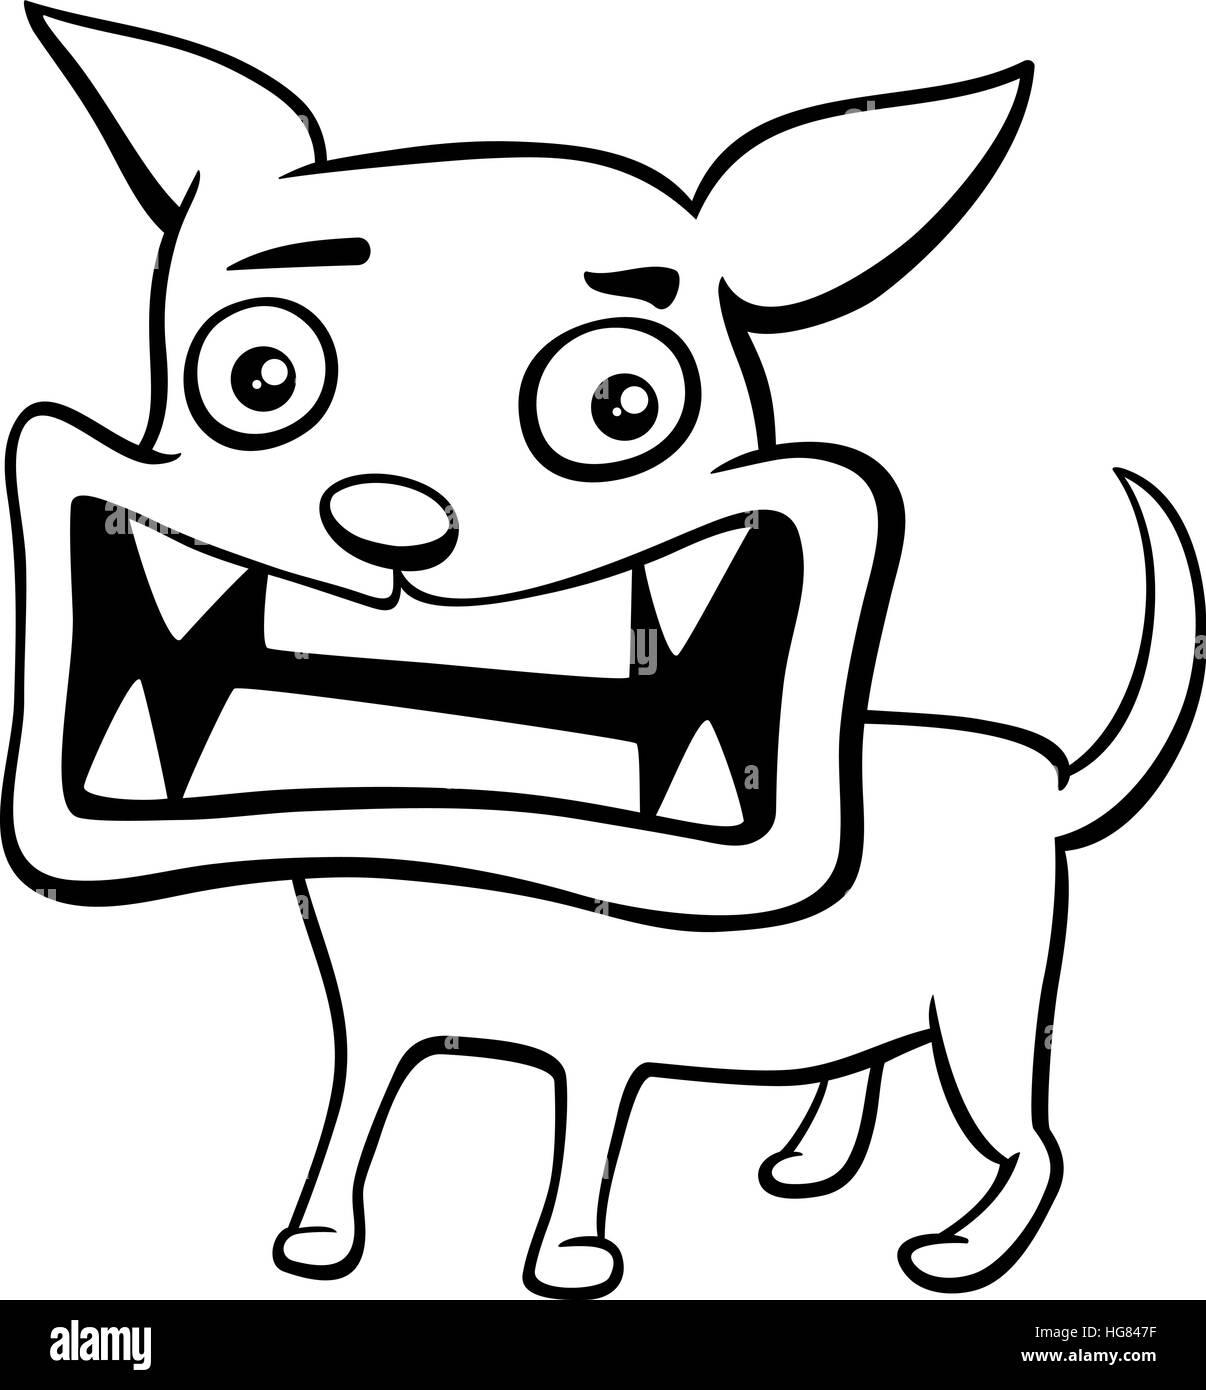 Schwarz / Weiß Cartoon Illustration von böser Hund oder Welpe Tier ...